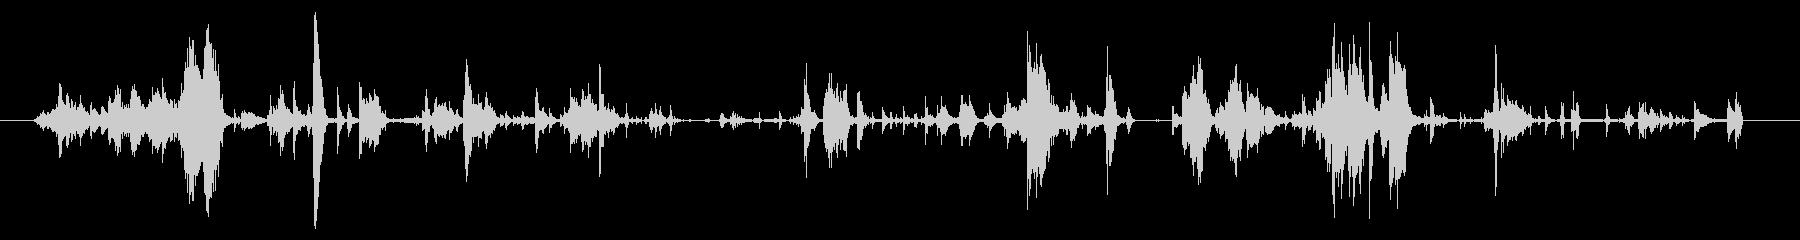 メタル カトラリーハンドリング02の未再生の波形